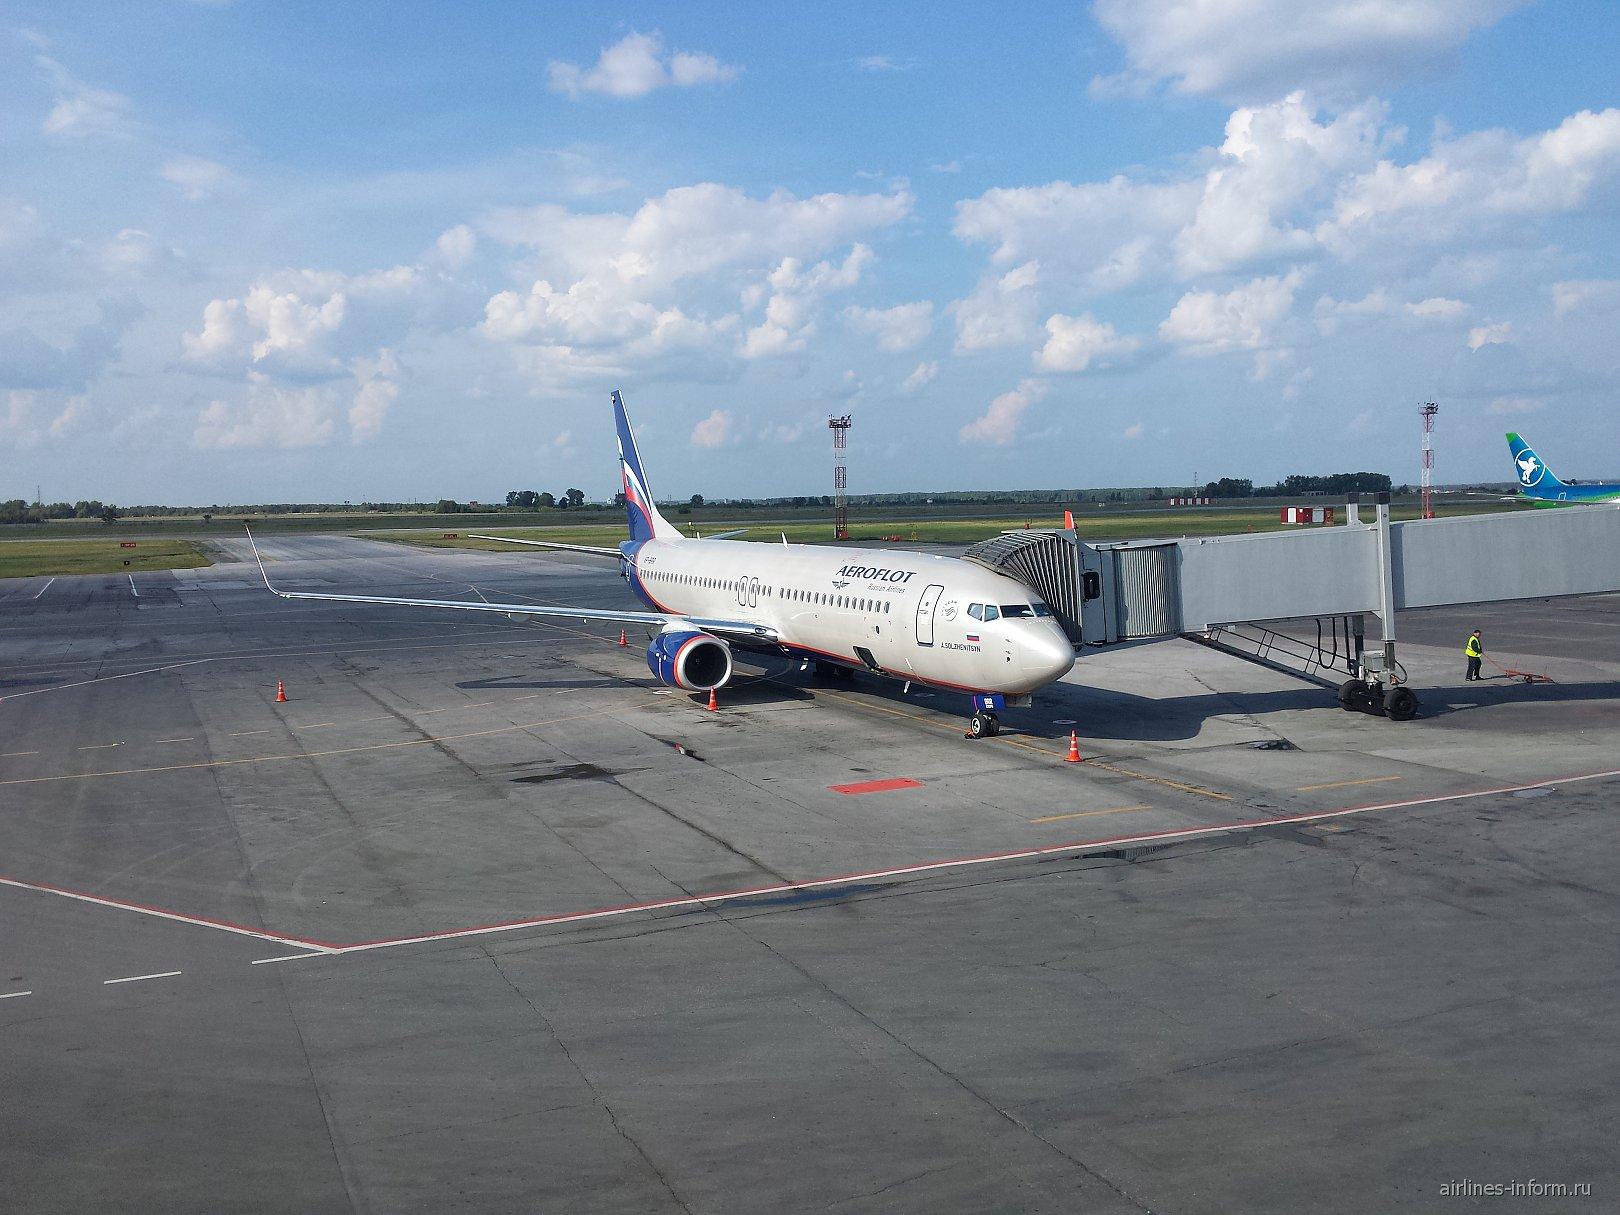 Боинг-737-800 Аэрофлота в аэропорту Новосибирск Толмачево